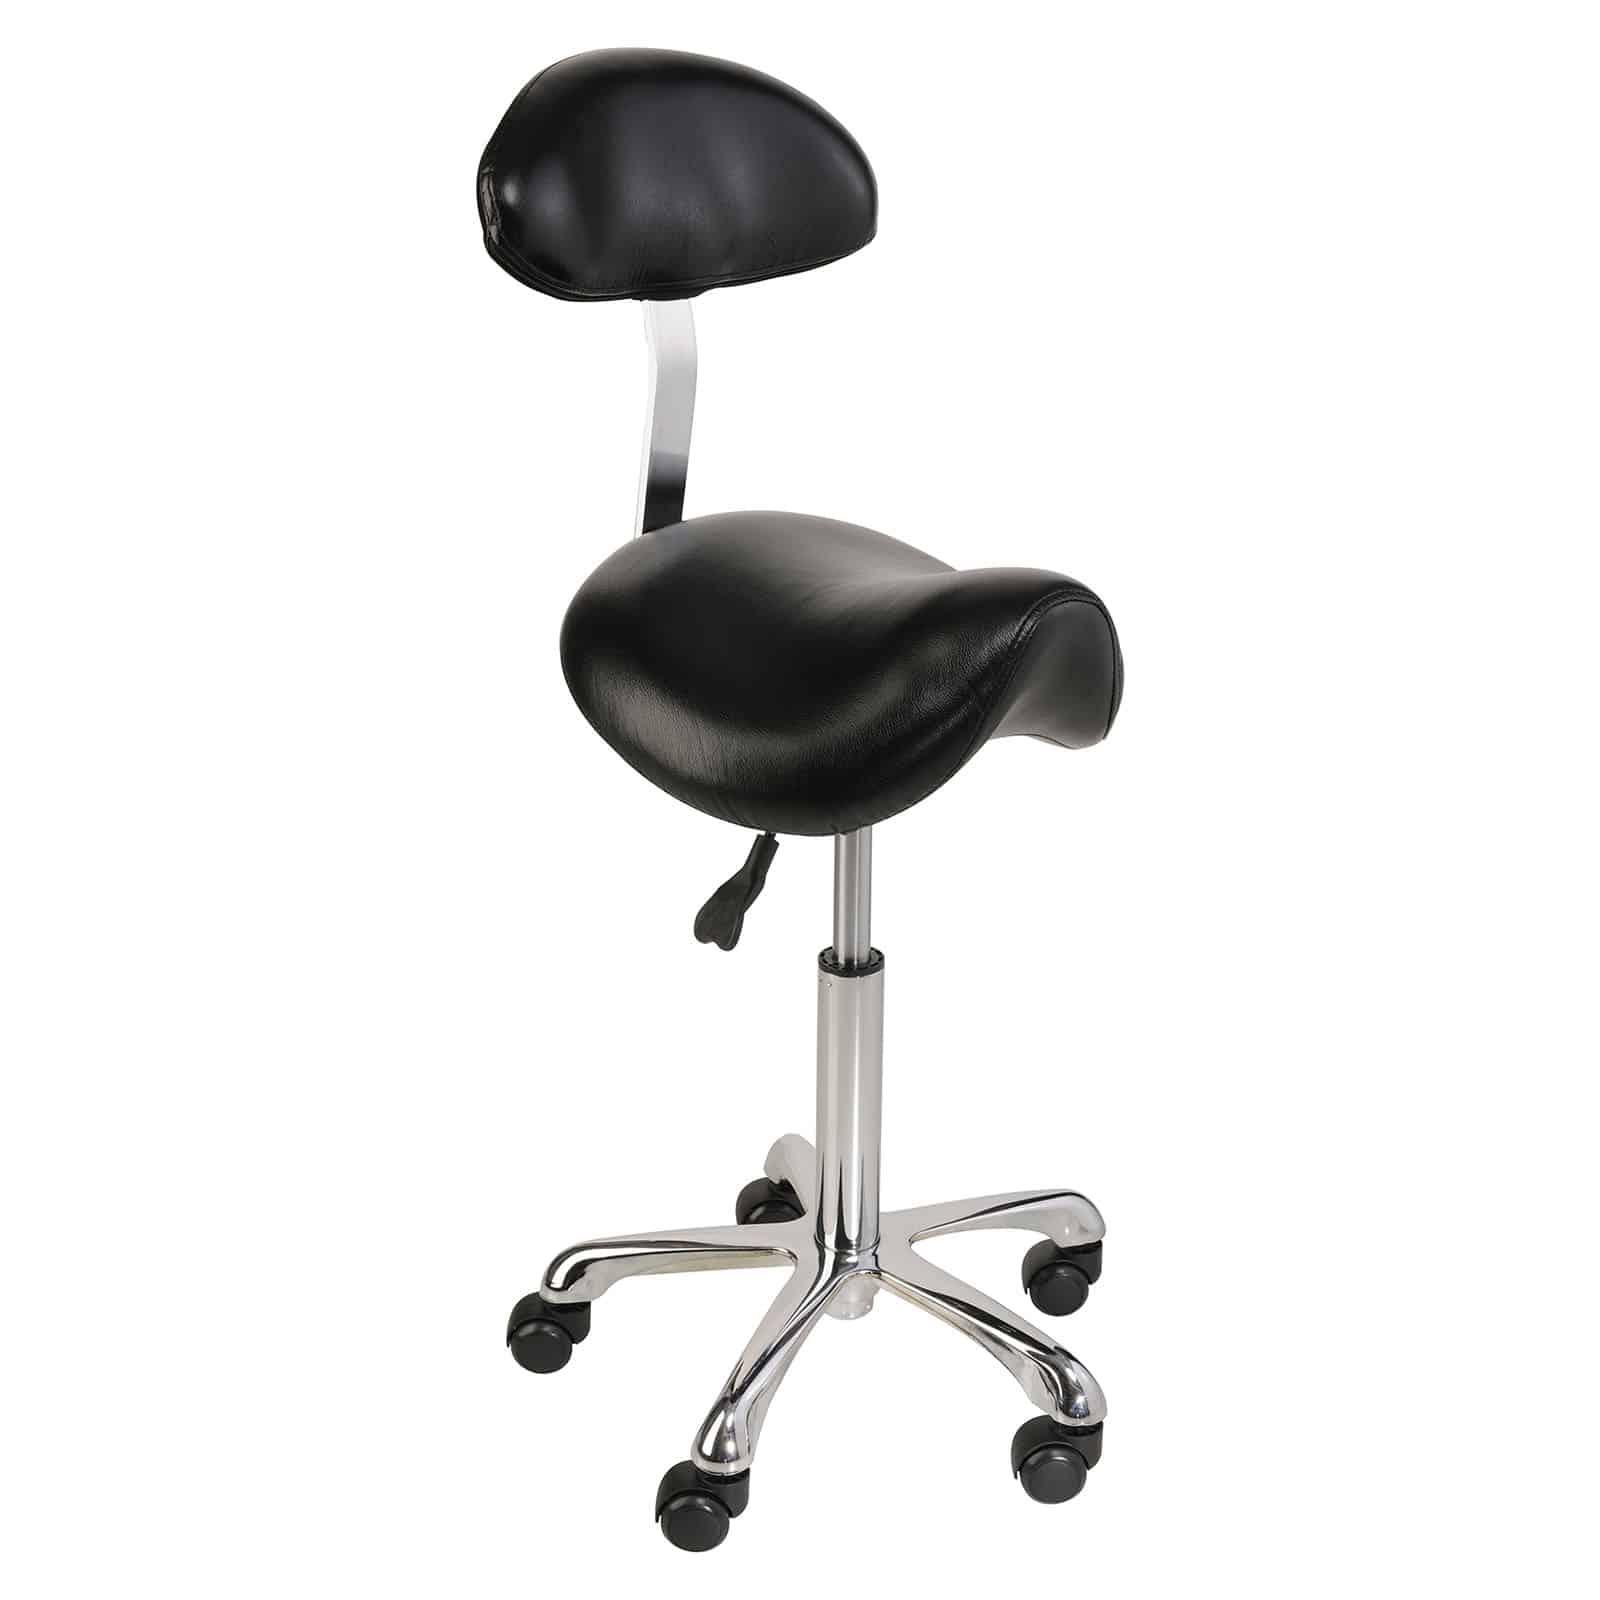 Krzesło siodłowe Physa Relaxy - czarne - oparcie